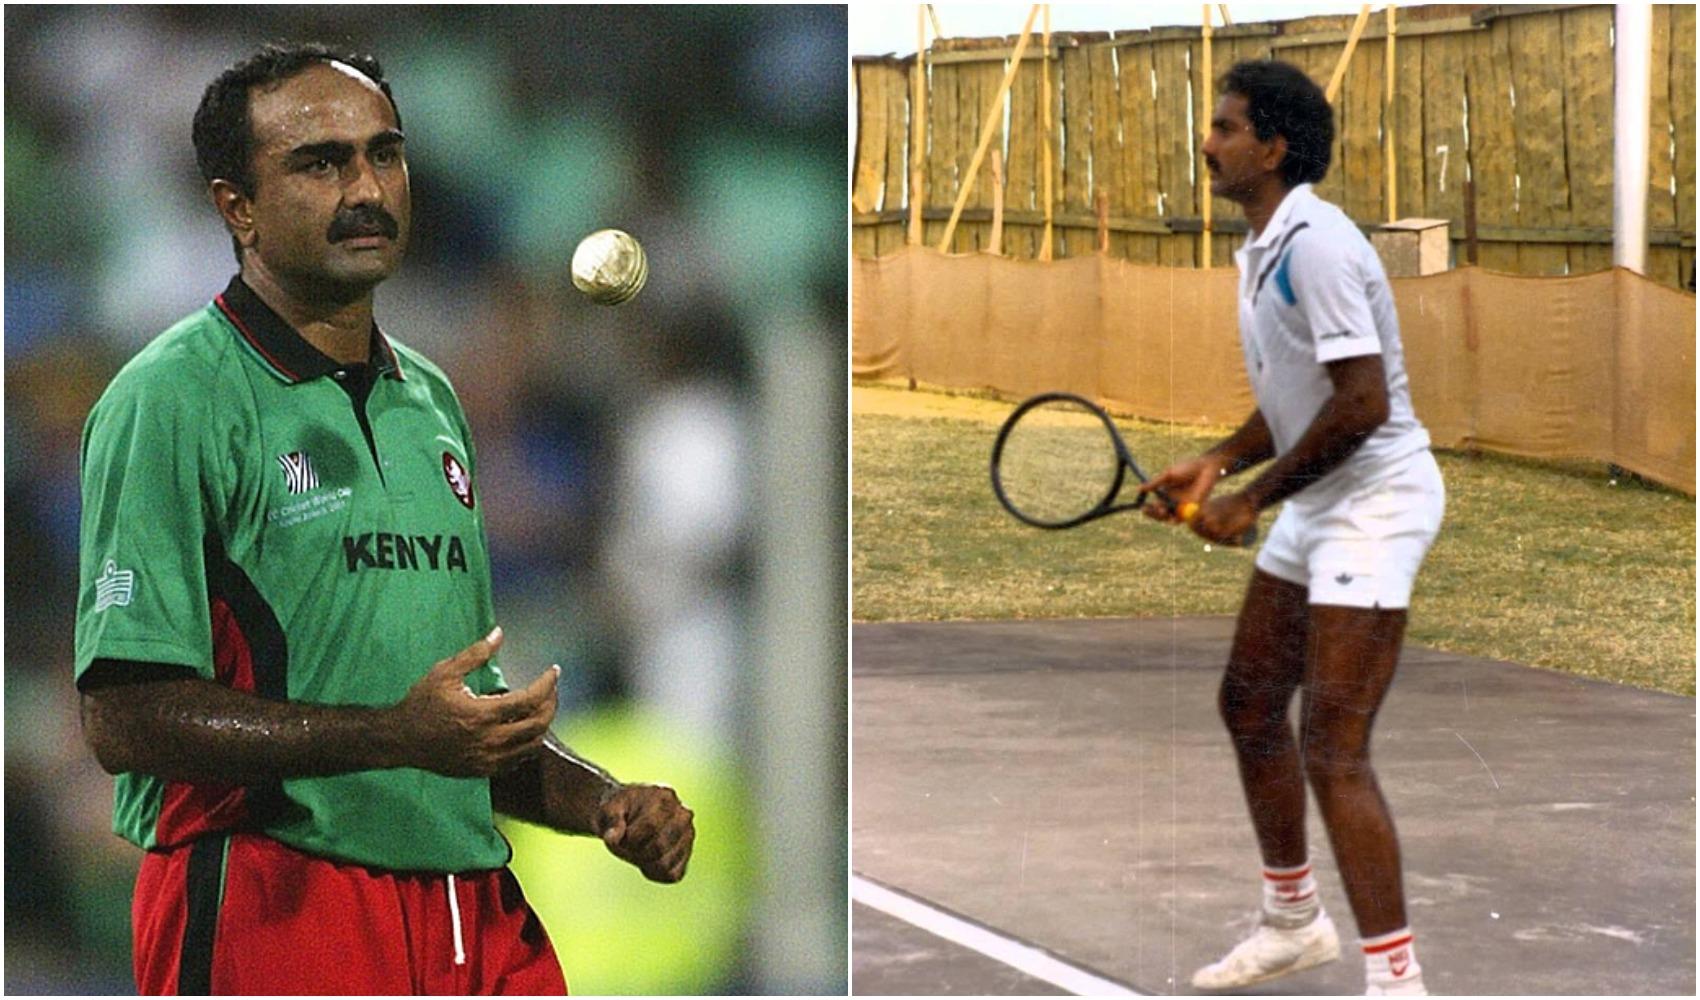 यह दिग्गज खिलाड़ी क्रिकेट और टेनिस दोनों खेल चुका है अपने राष्ट्रीय टीमों के लिए